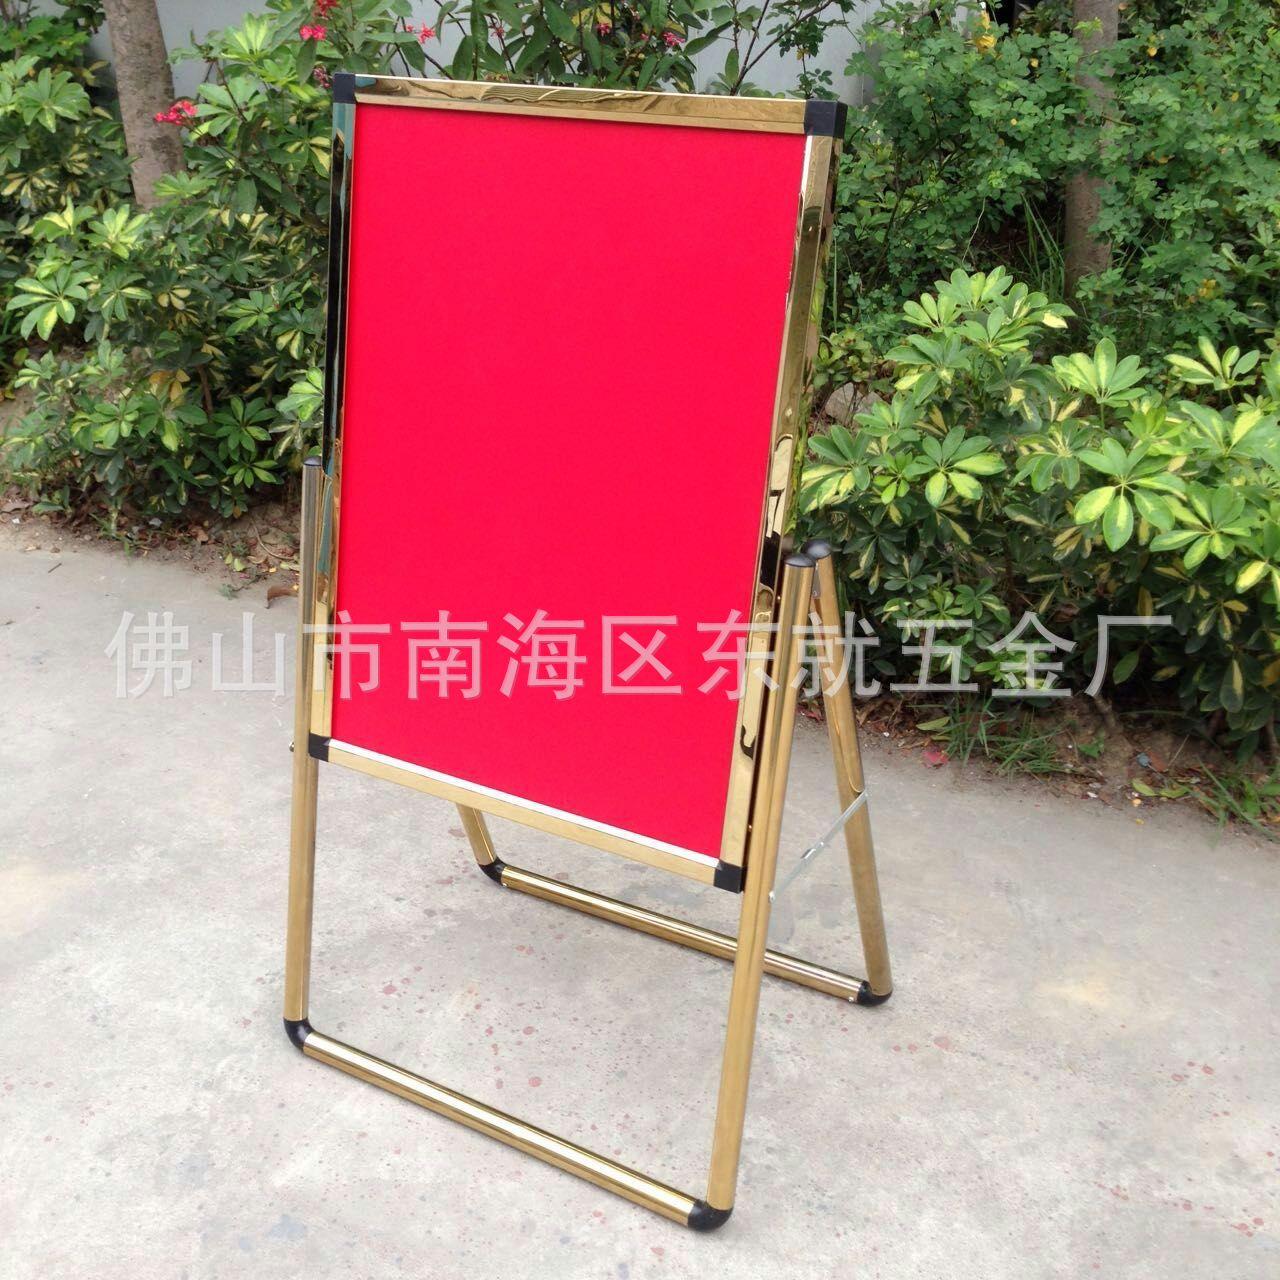 水牌展示架立牌指示牌不锈钢广告牌海报架?#39057;闘型脚迎宾牌导向牌